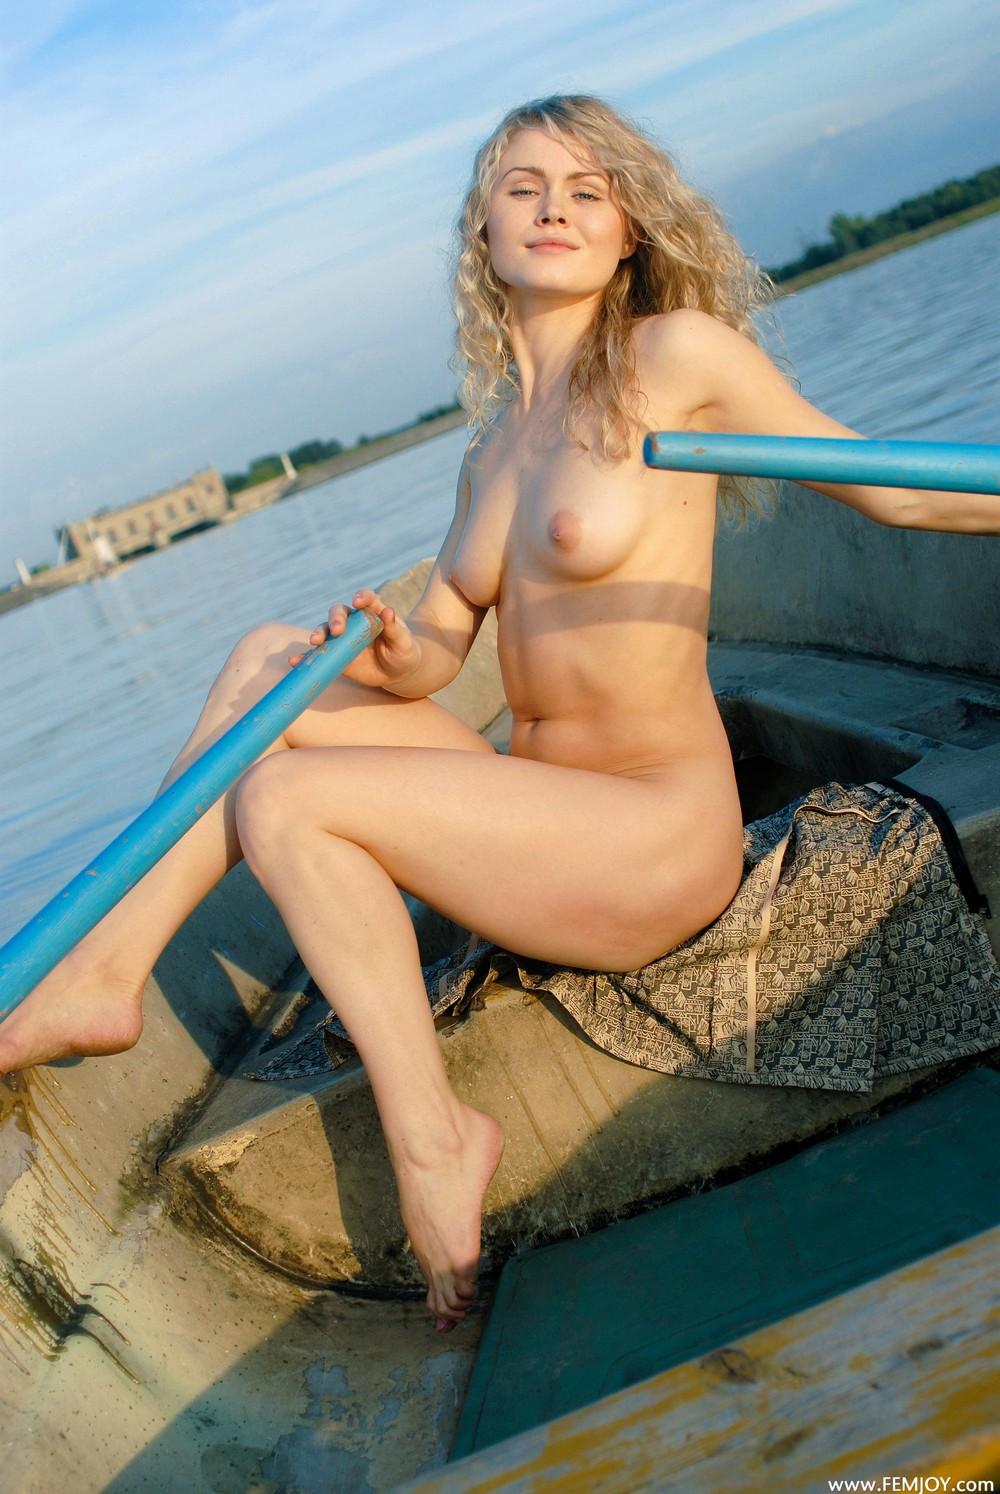 Обнаженная Джоана в лодке